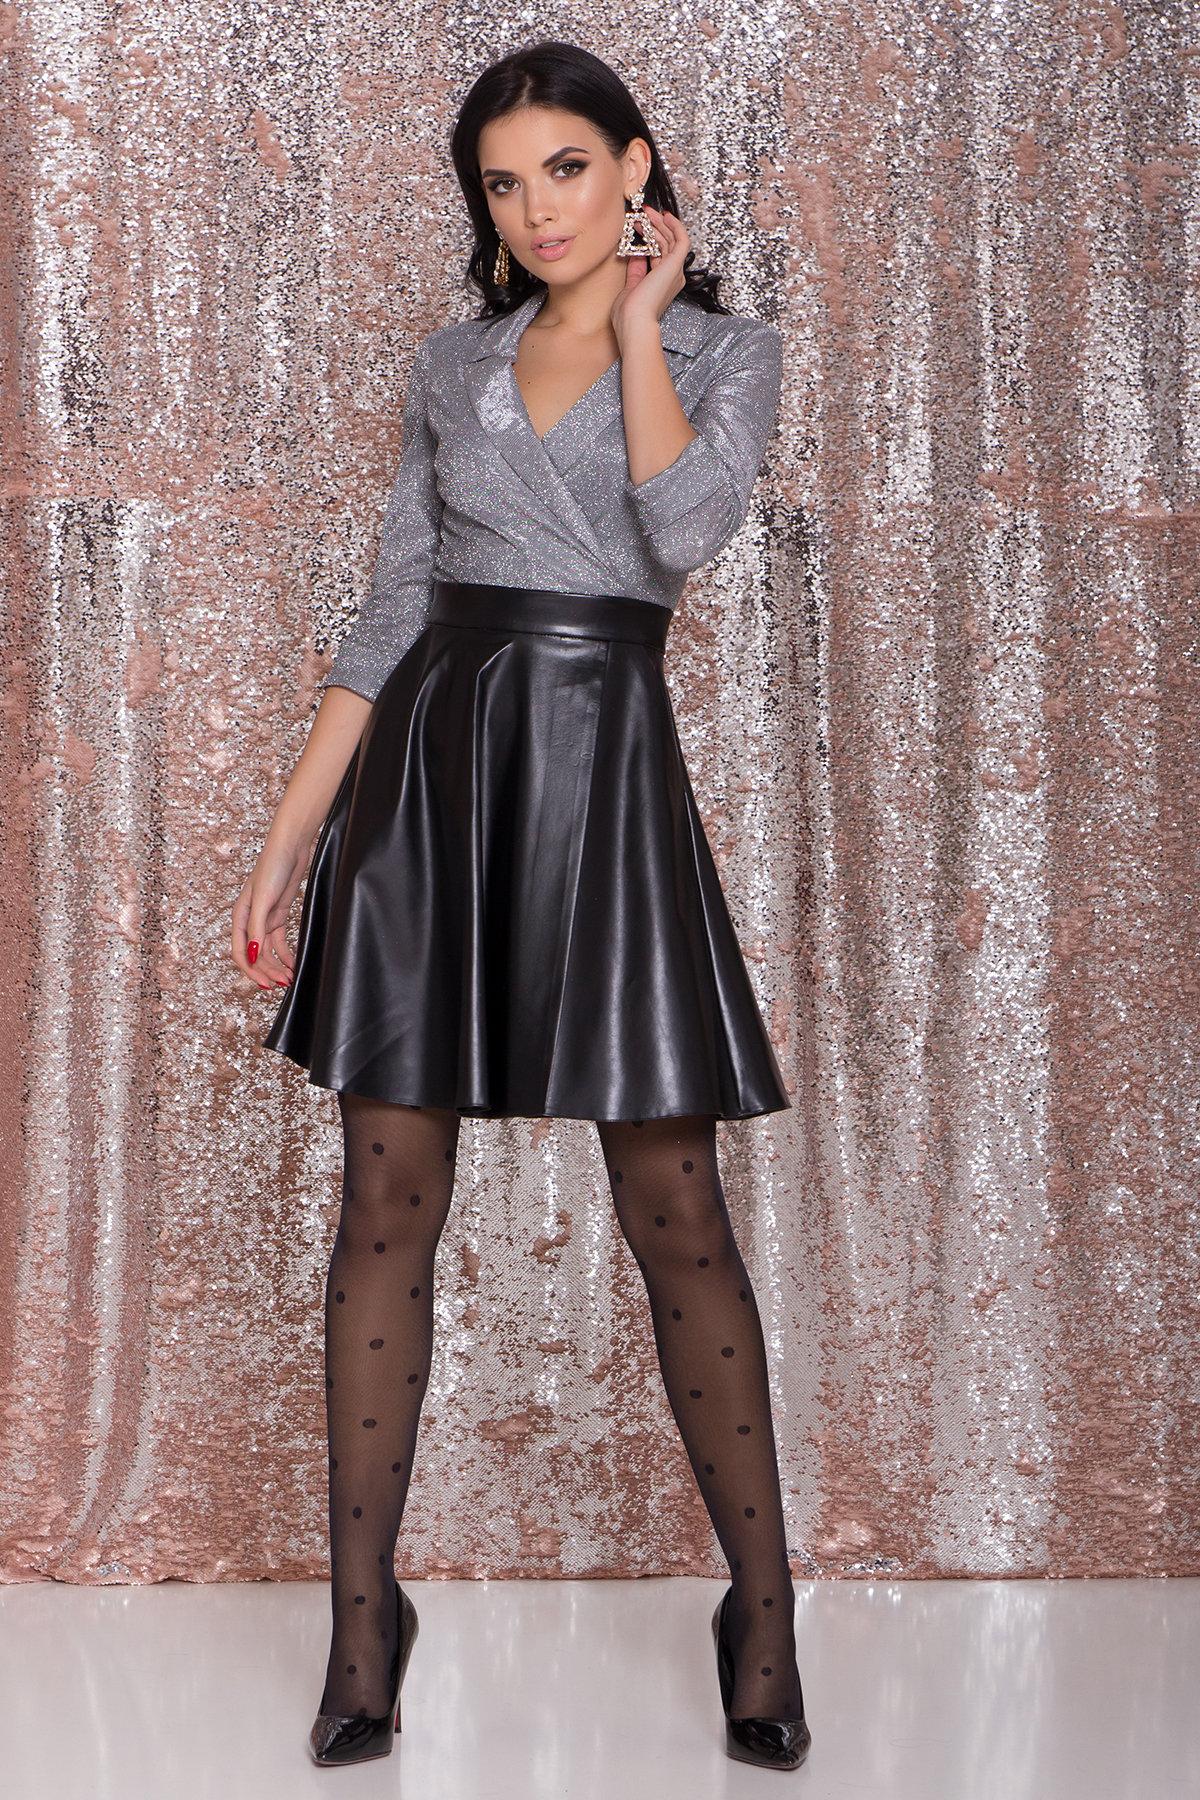 Платье с юбкой из экокожи Айс 8337 Цвет: Черный